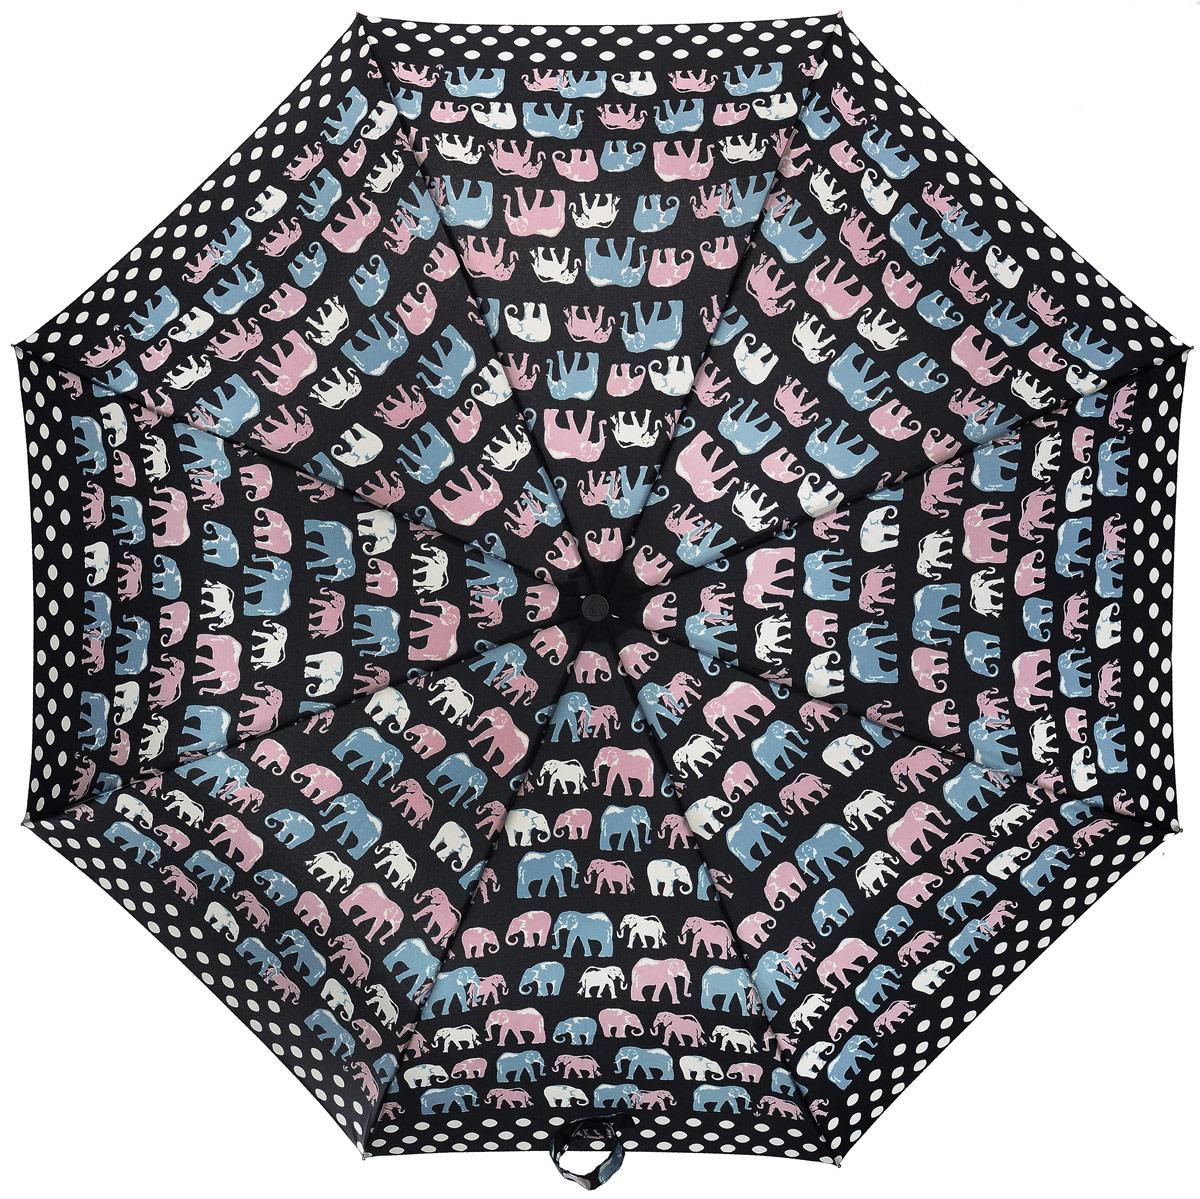 Зонт женский Fulton, механический, 3 сложения, цвет: черный, мультиколор. L354-303445100948B/32793/5900NСтильный зонт Fulton имеет 3 сложения, даже в ненастную погоду позволит вам оставаться стильной. Легкий, но в тоже время прочный и ветроустойчивый каркас из фибергласса состоит из восьми спиц с износостойкими соединениями. Купол зонта выполнен из прочного полиэстера с водоотталкивающей пропиткой. Рукоятка разработанная с учетом требований эргономики, выполнена из настоящего каучука.Зонт механического сложения: купол открывается и закрывается вручную до характерного щелчка. Такой зонт не только надежно защитит вас от дождя, но и станет стильным аксессуаром, который идеально подчеркнет ваш неповторимый образ.